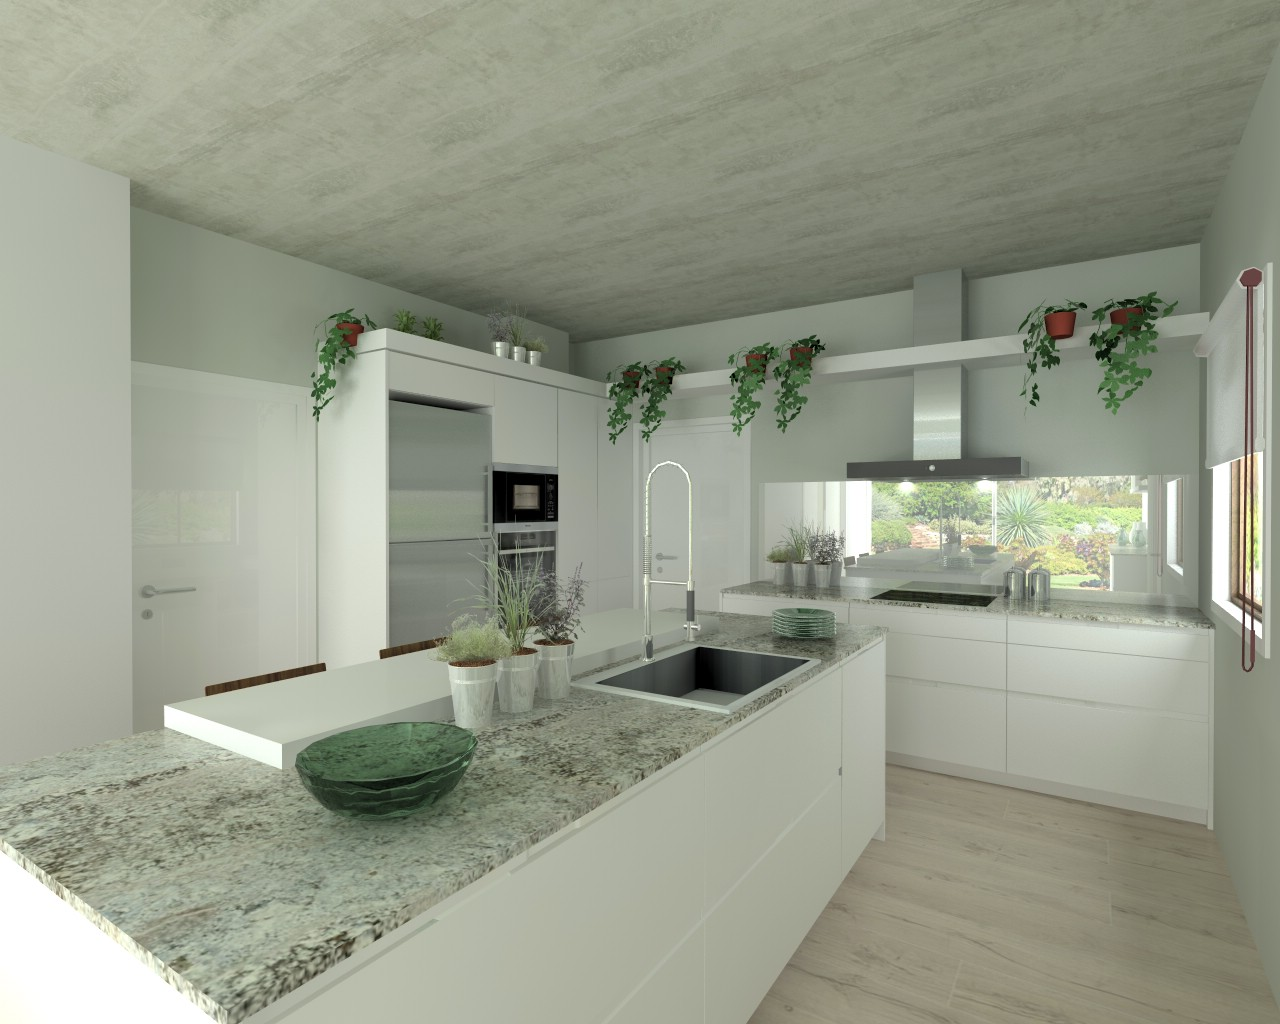 Cocina santos modelo intra l laminado blanco nieve for Carritos y camareras de cocina